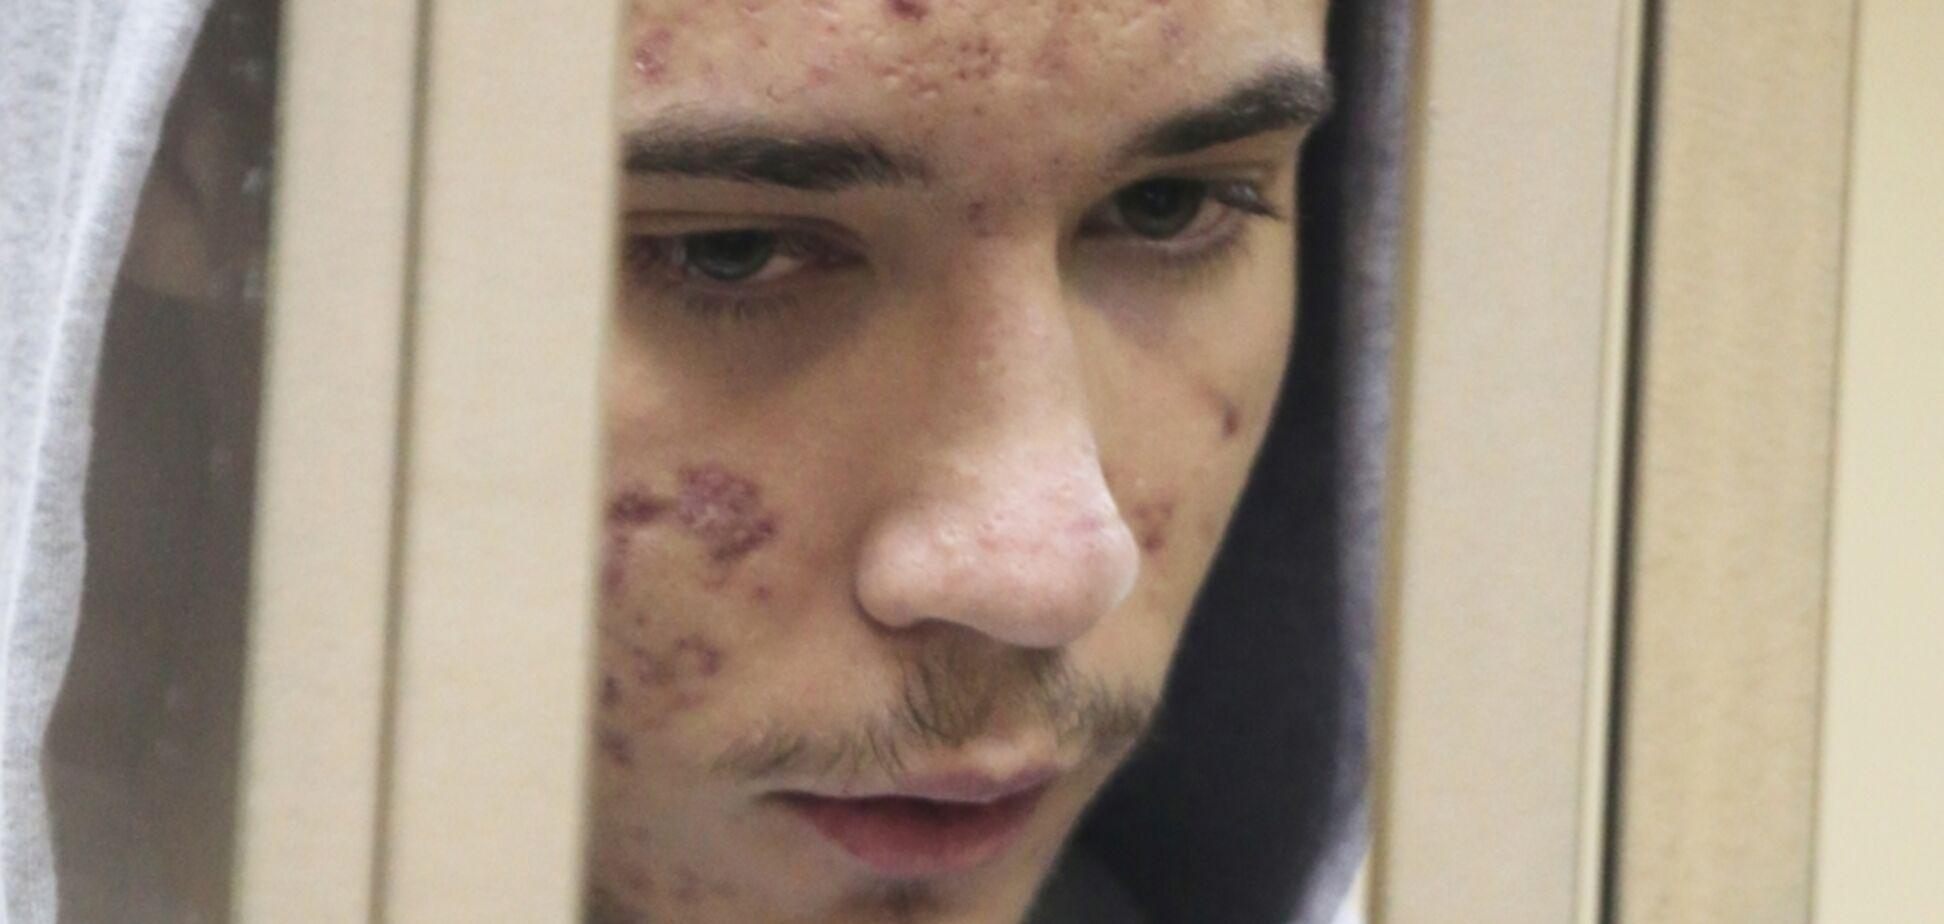 Нужны срочные операции: появились детали критического состояния украинского узника Кремля